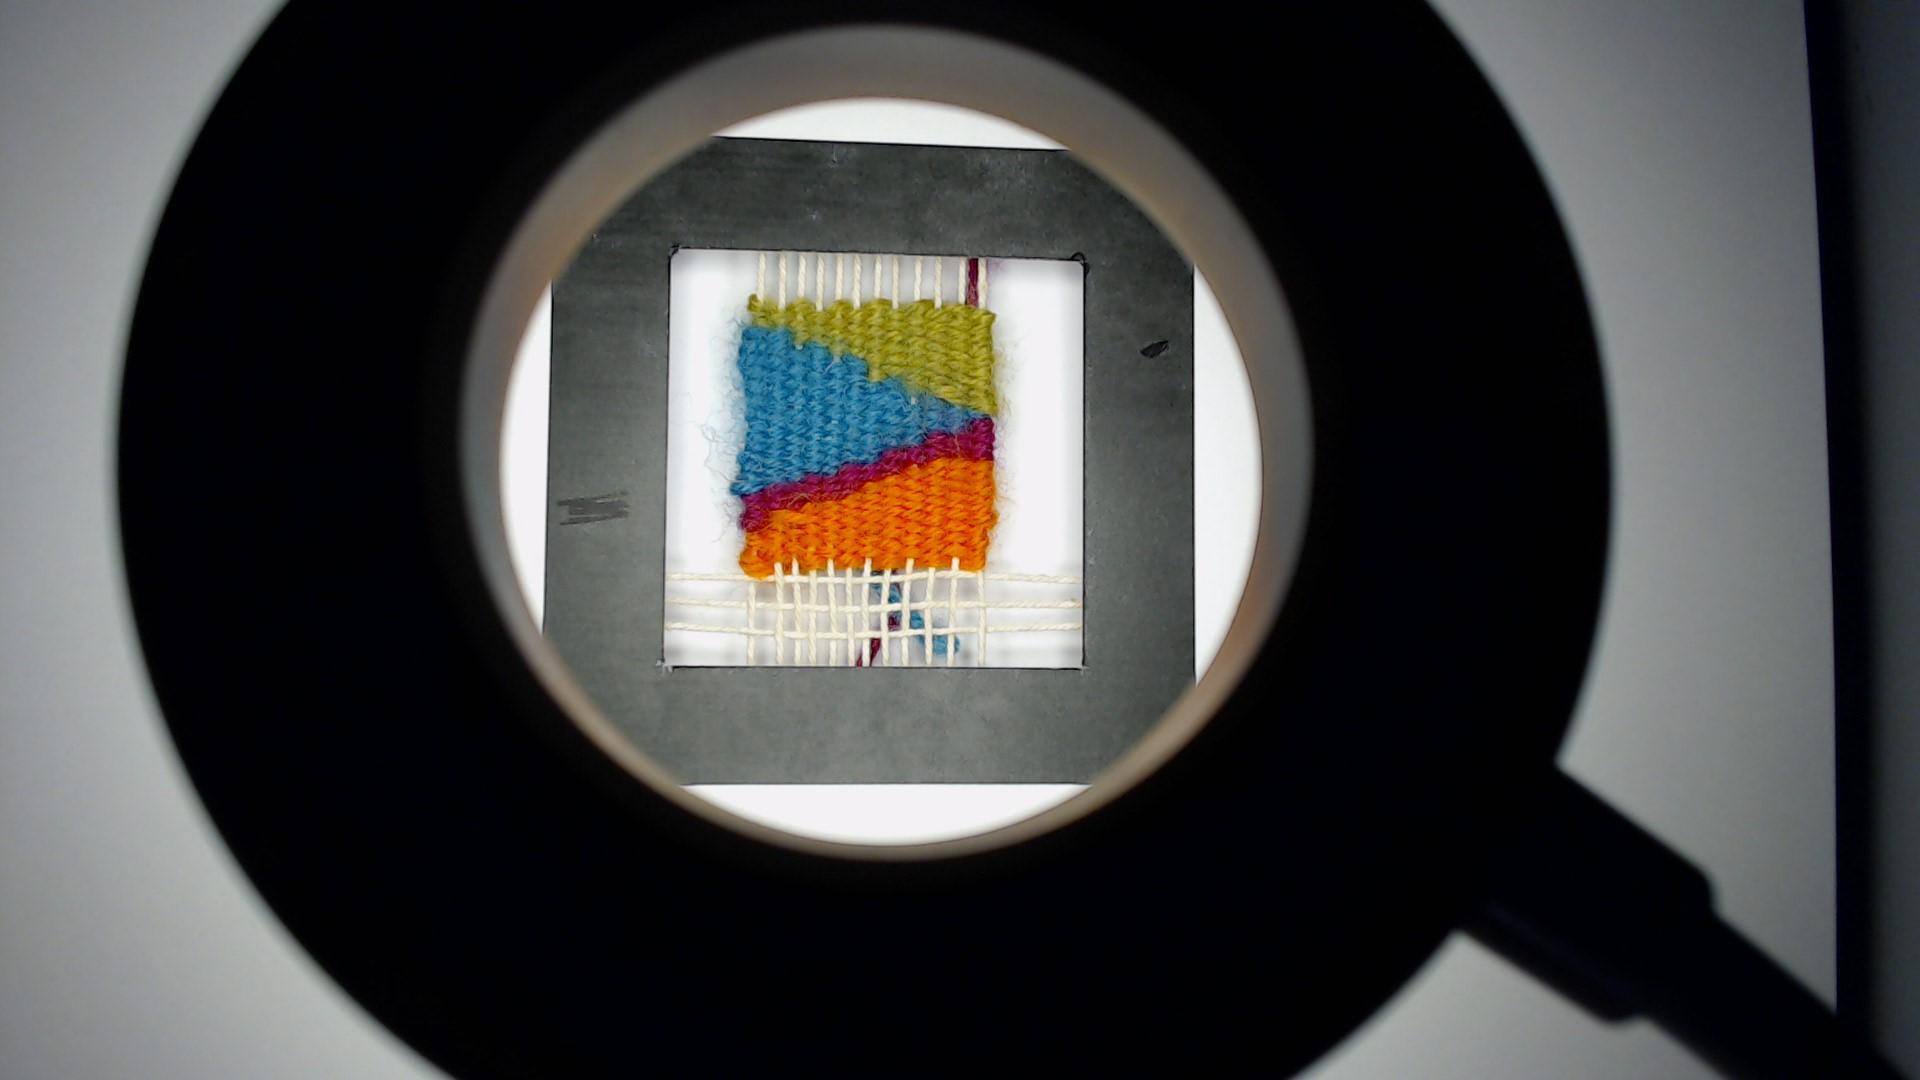 Unravelling: weaving memories in WebAR